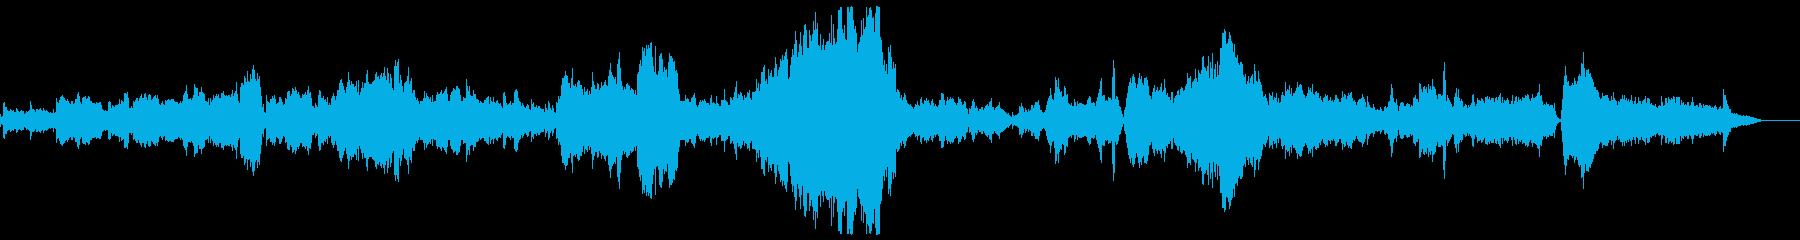 「タイスの瞑想曲」フルオーケストラカバーの再生済みの波形